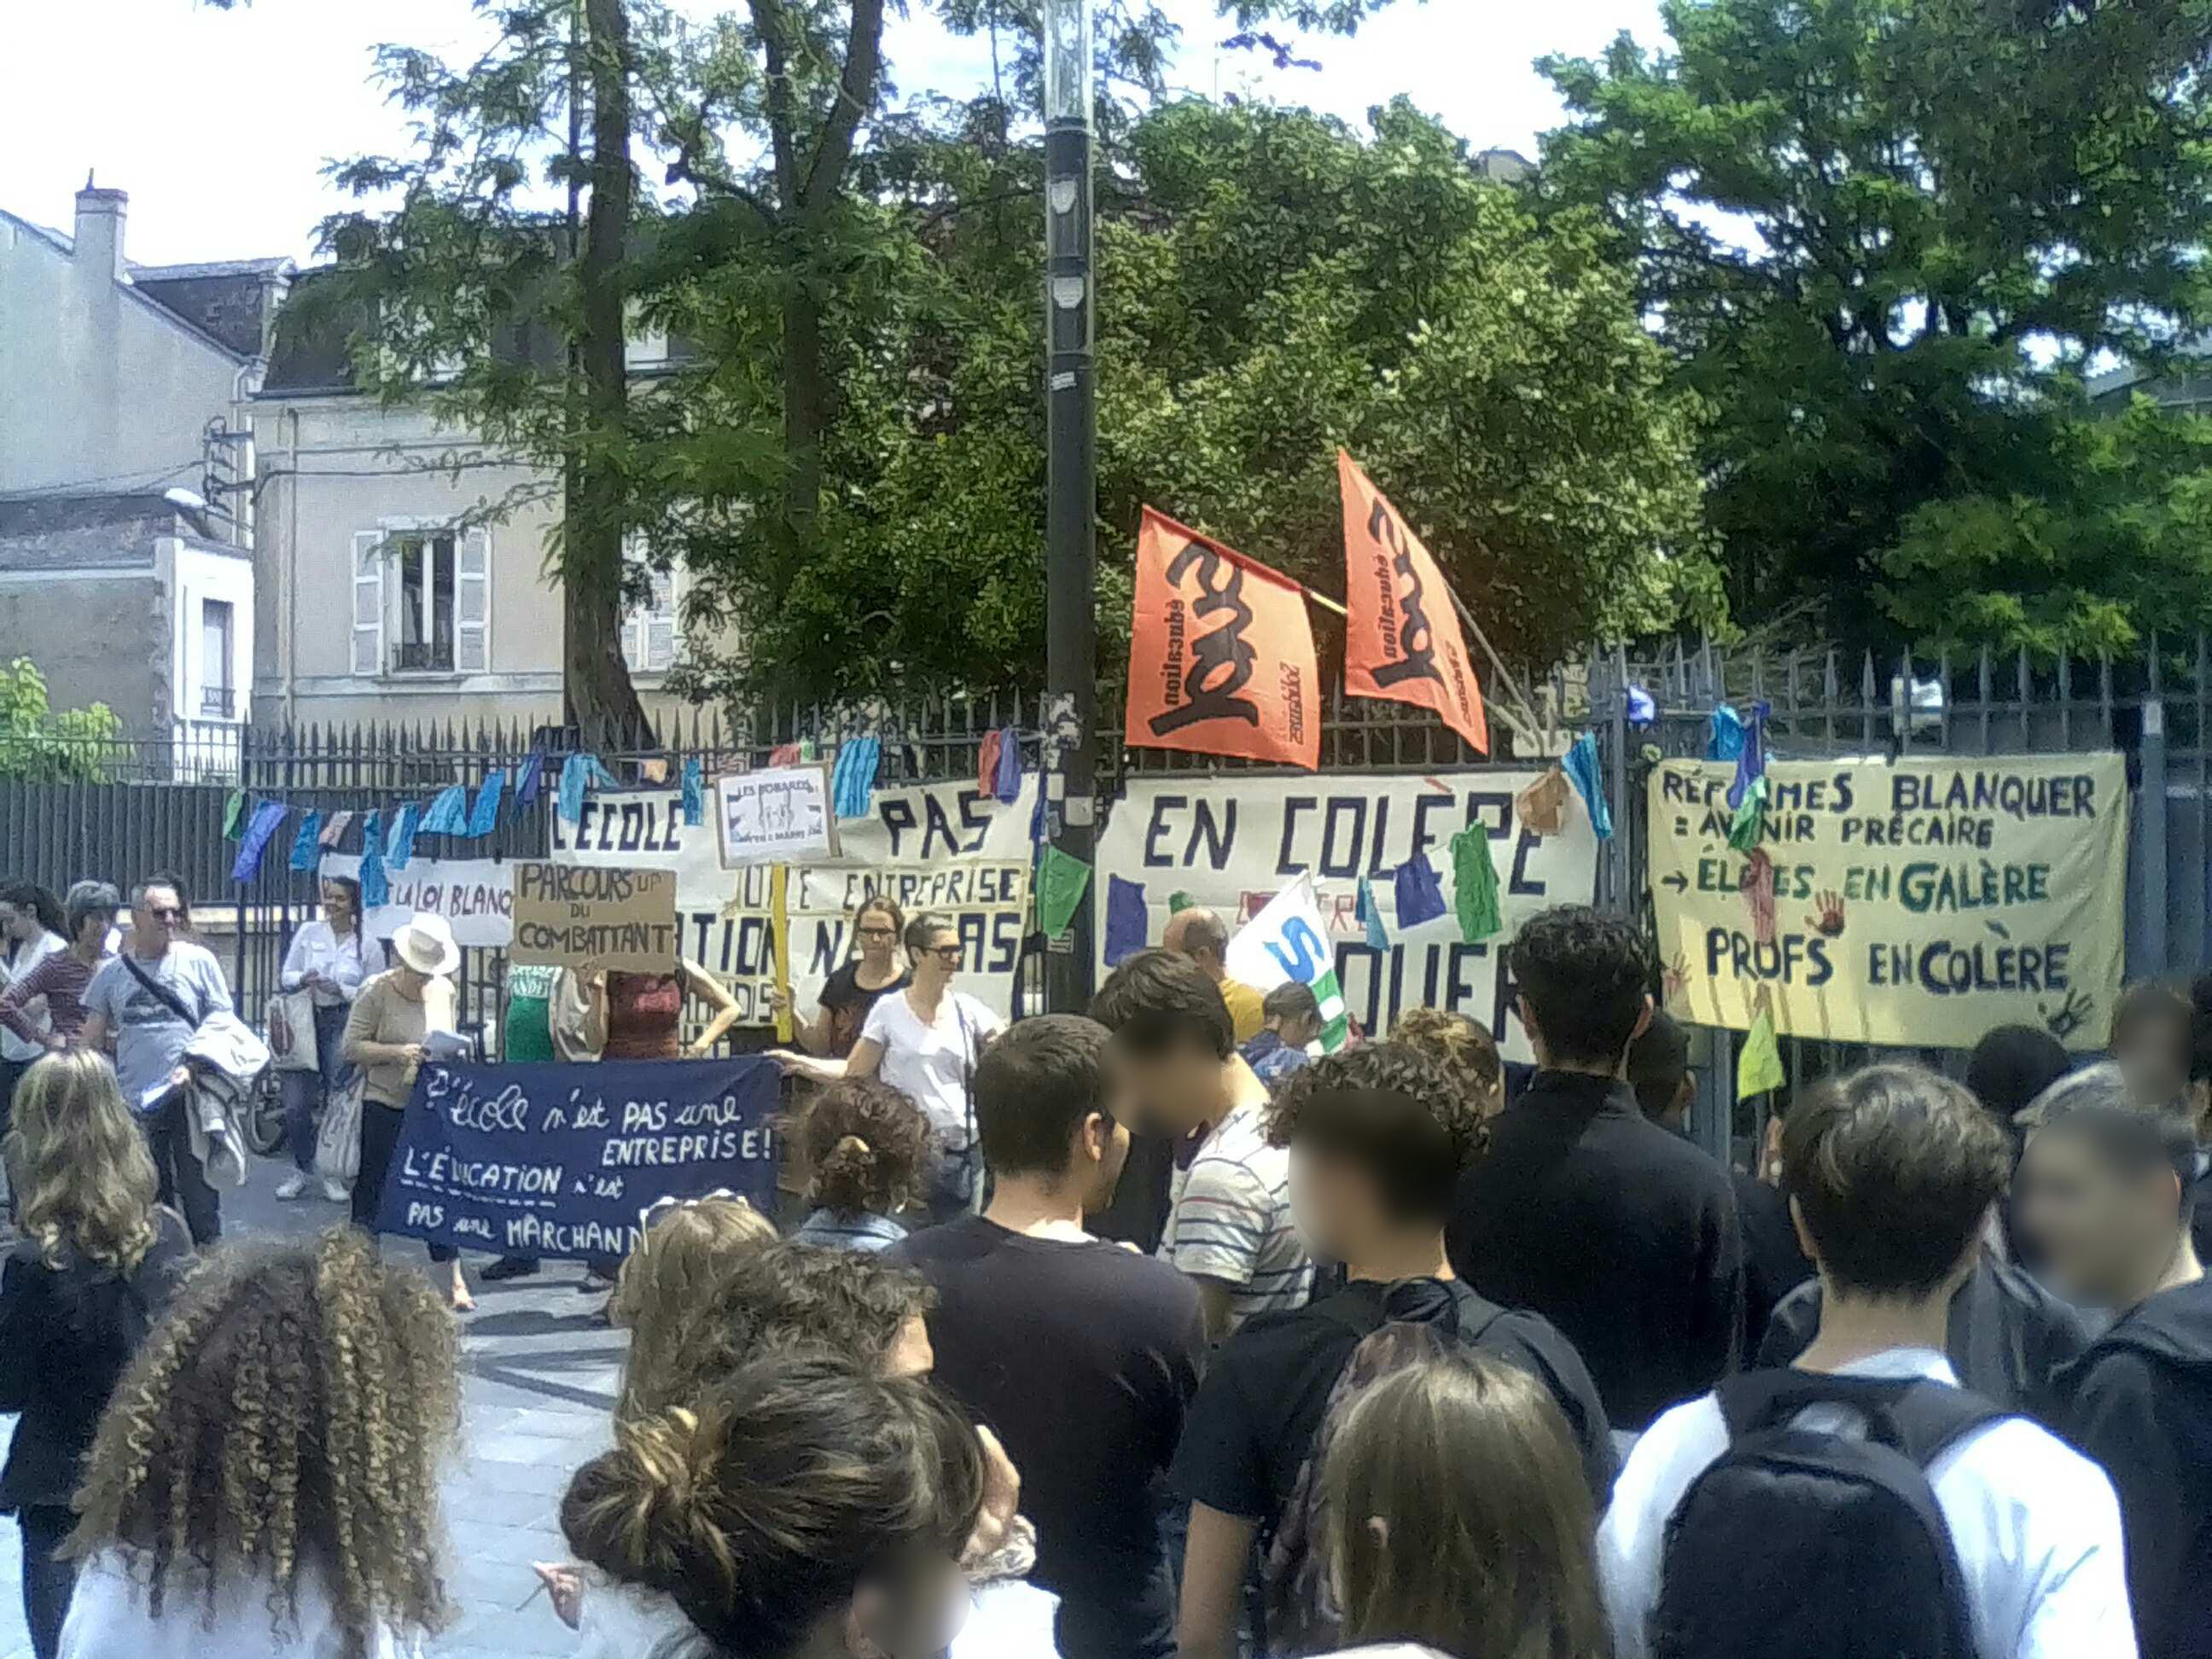 grève du bac #bloquonsblanquer école confiance